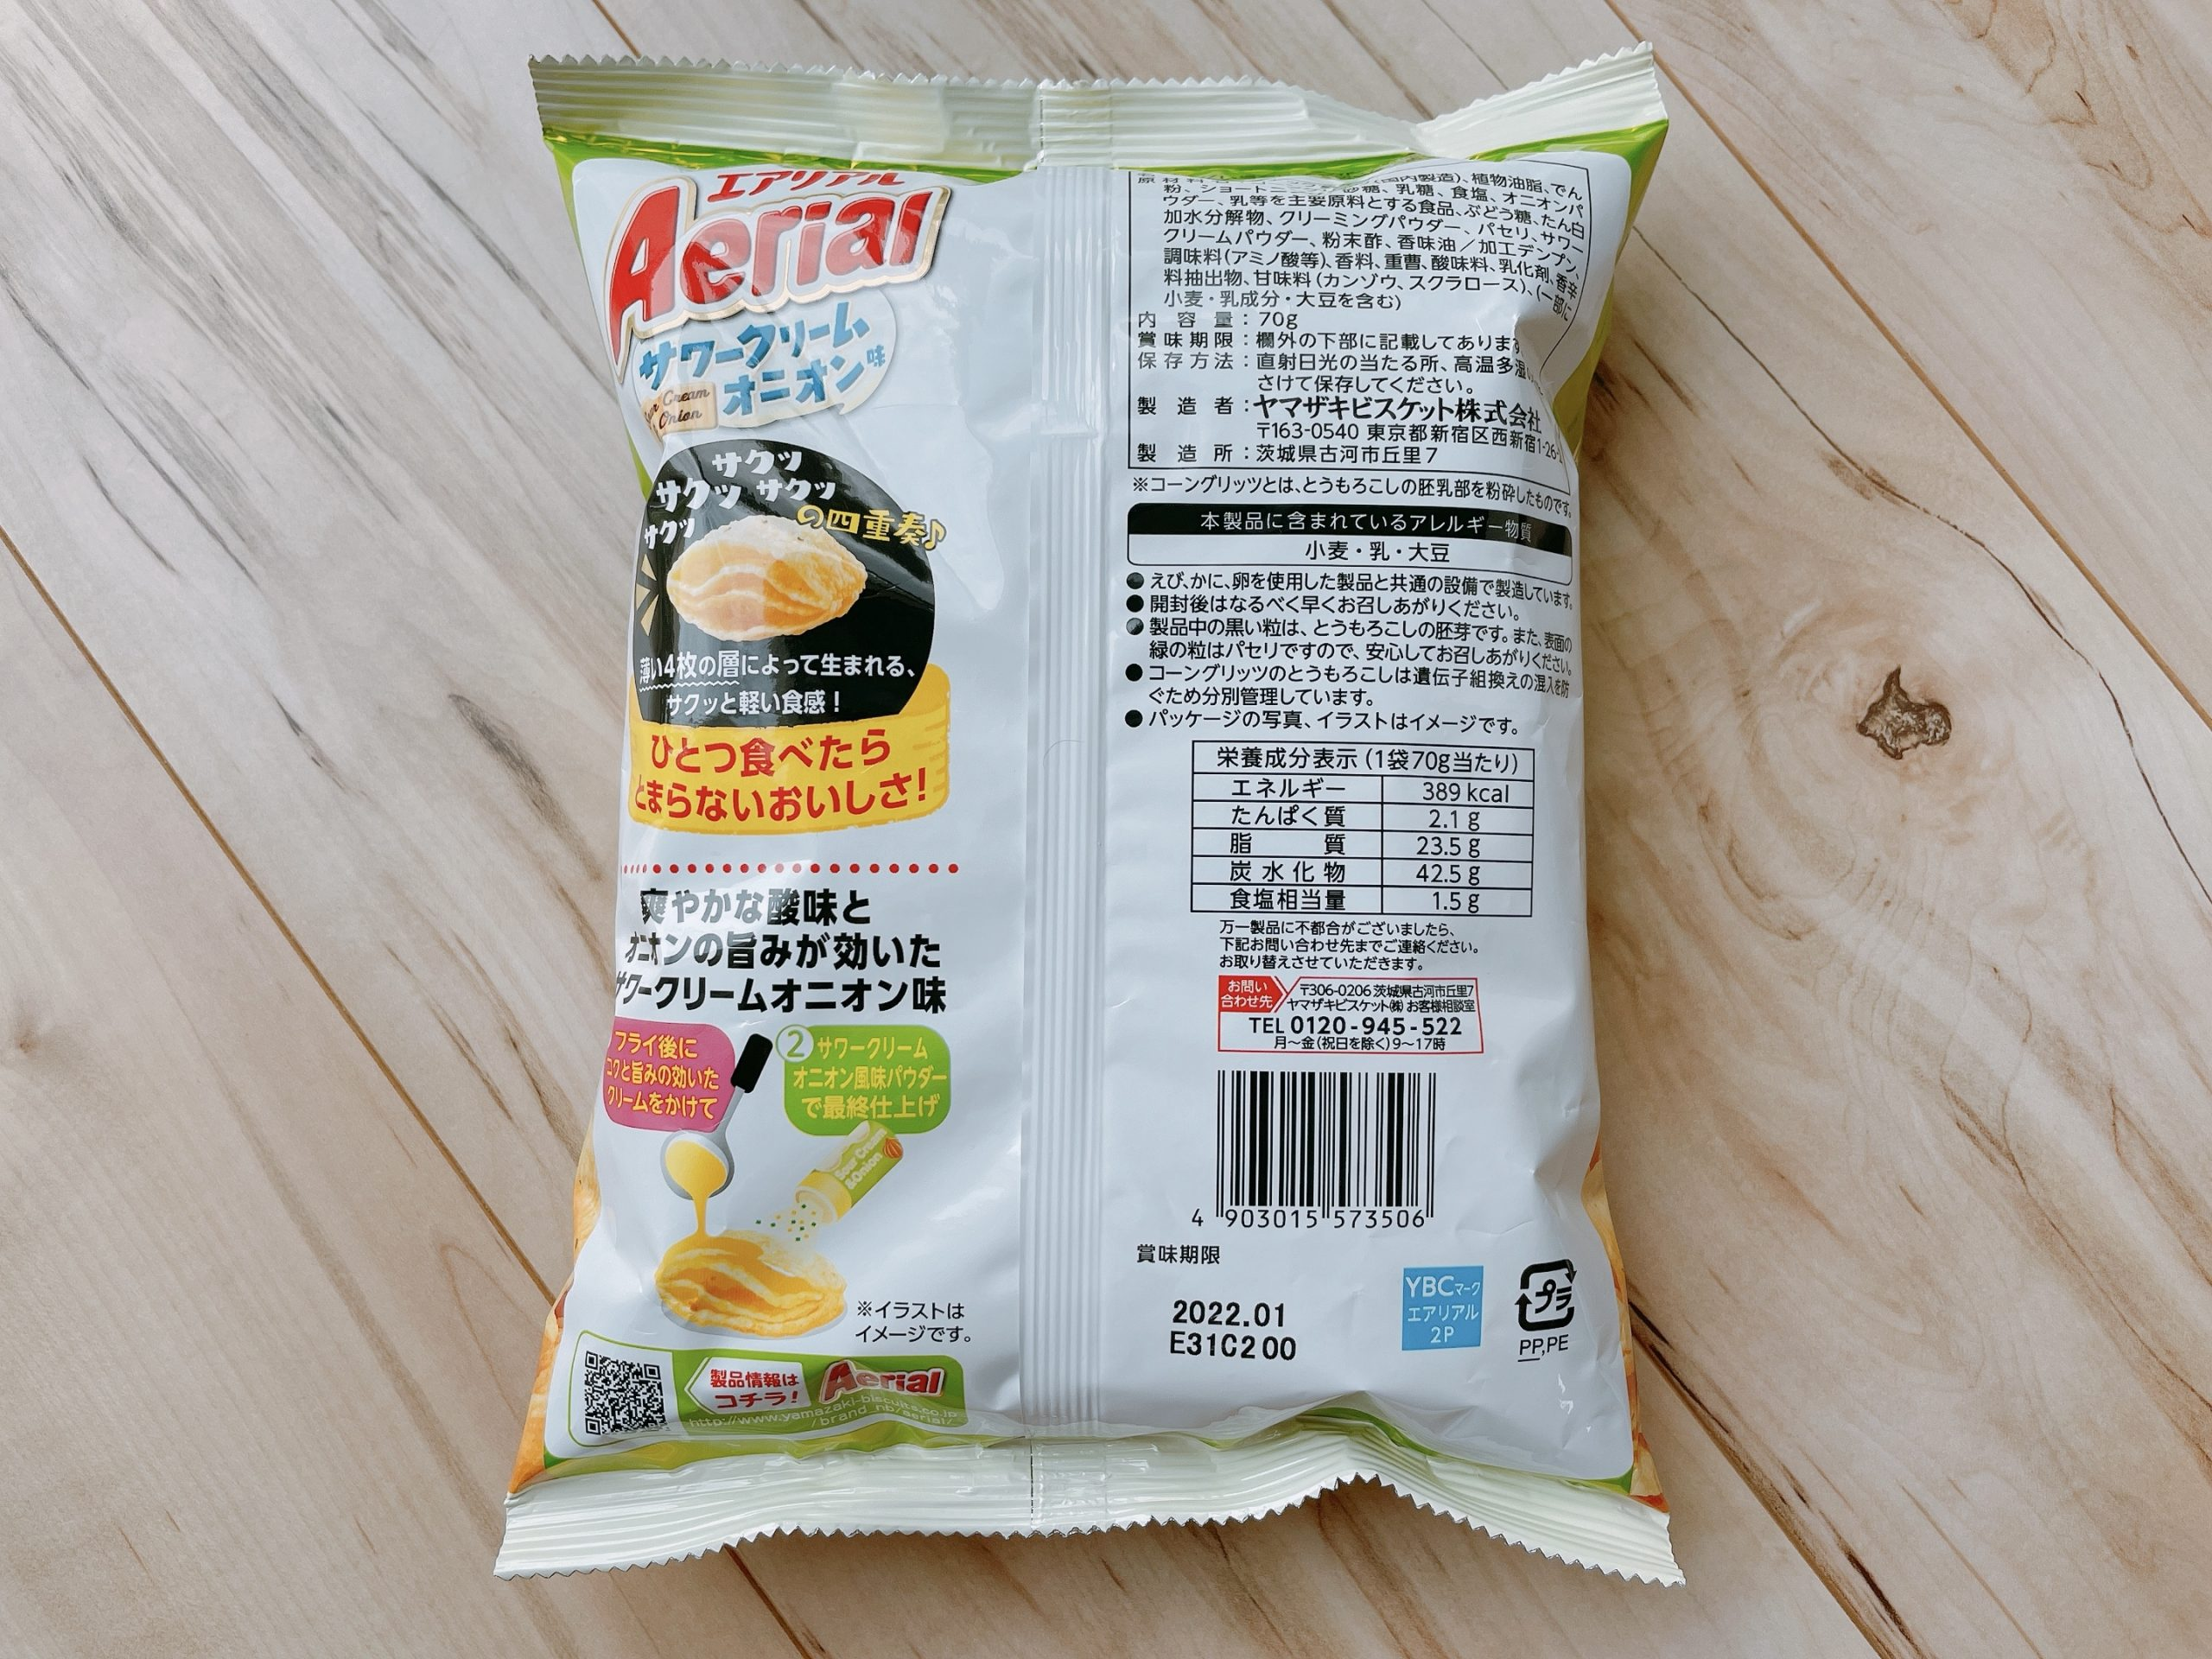 エアリアル<サワークリームオニオン味>の原材料やカロリーなど